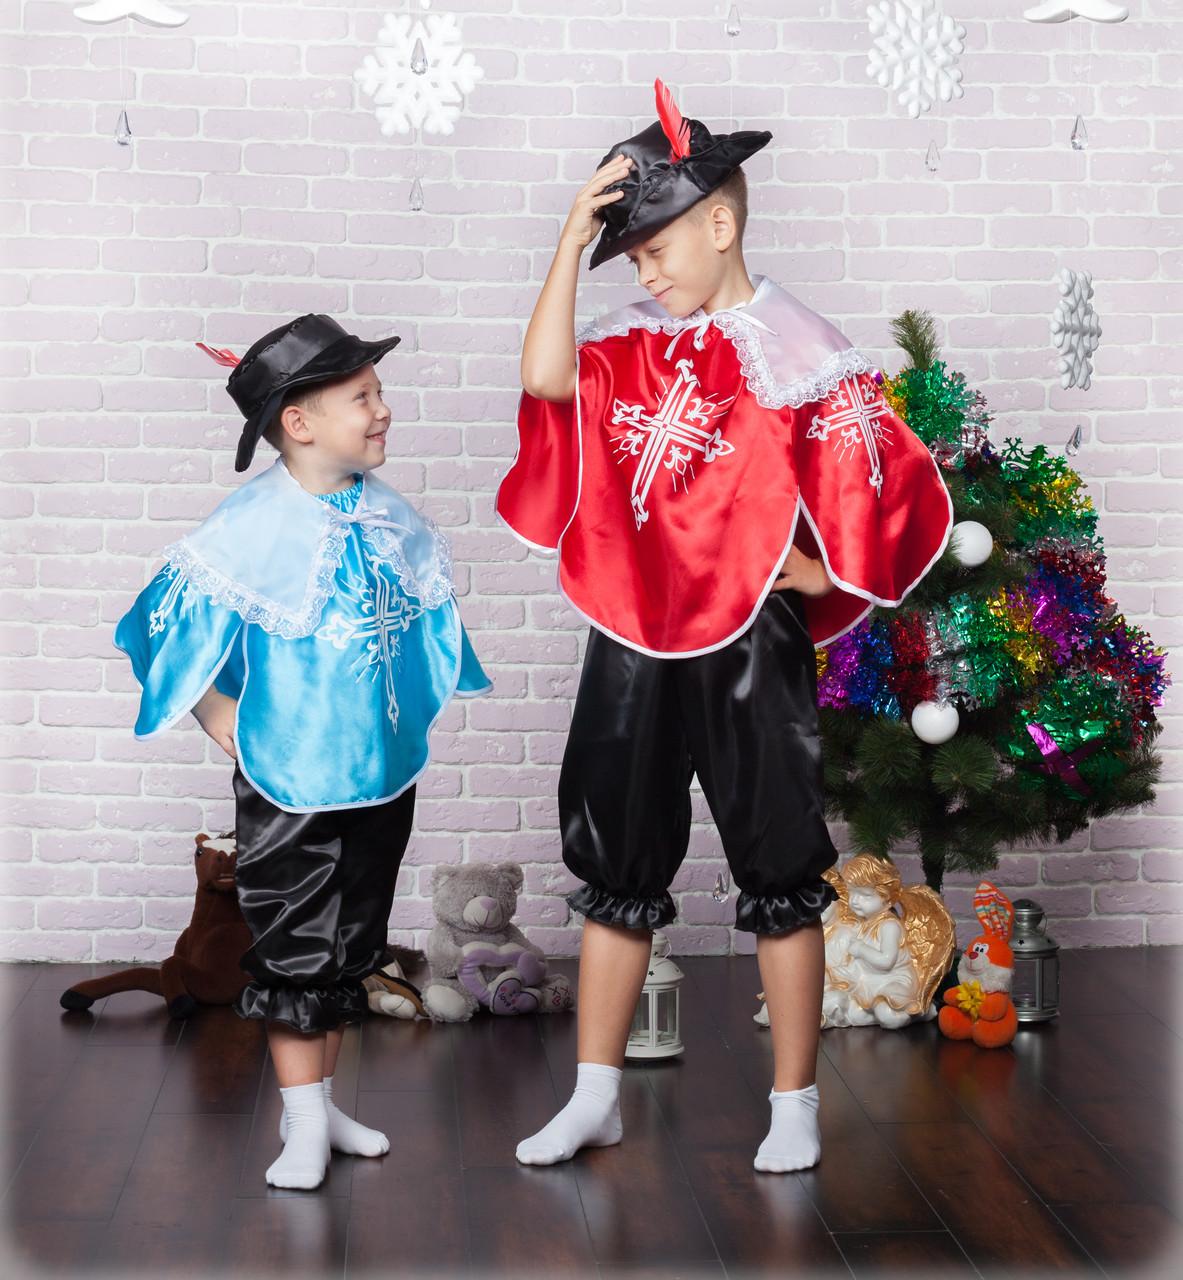 fba9a9f5f63 Детский карнавальный костюм мушкетера  продажа